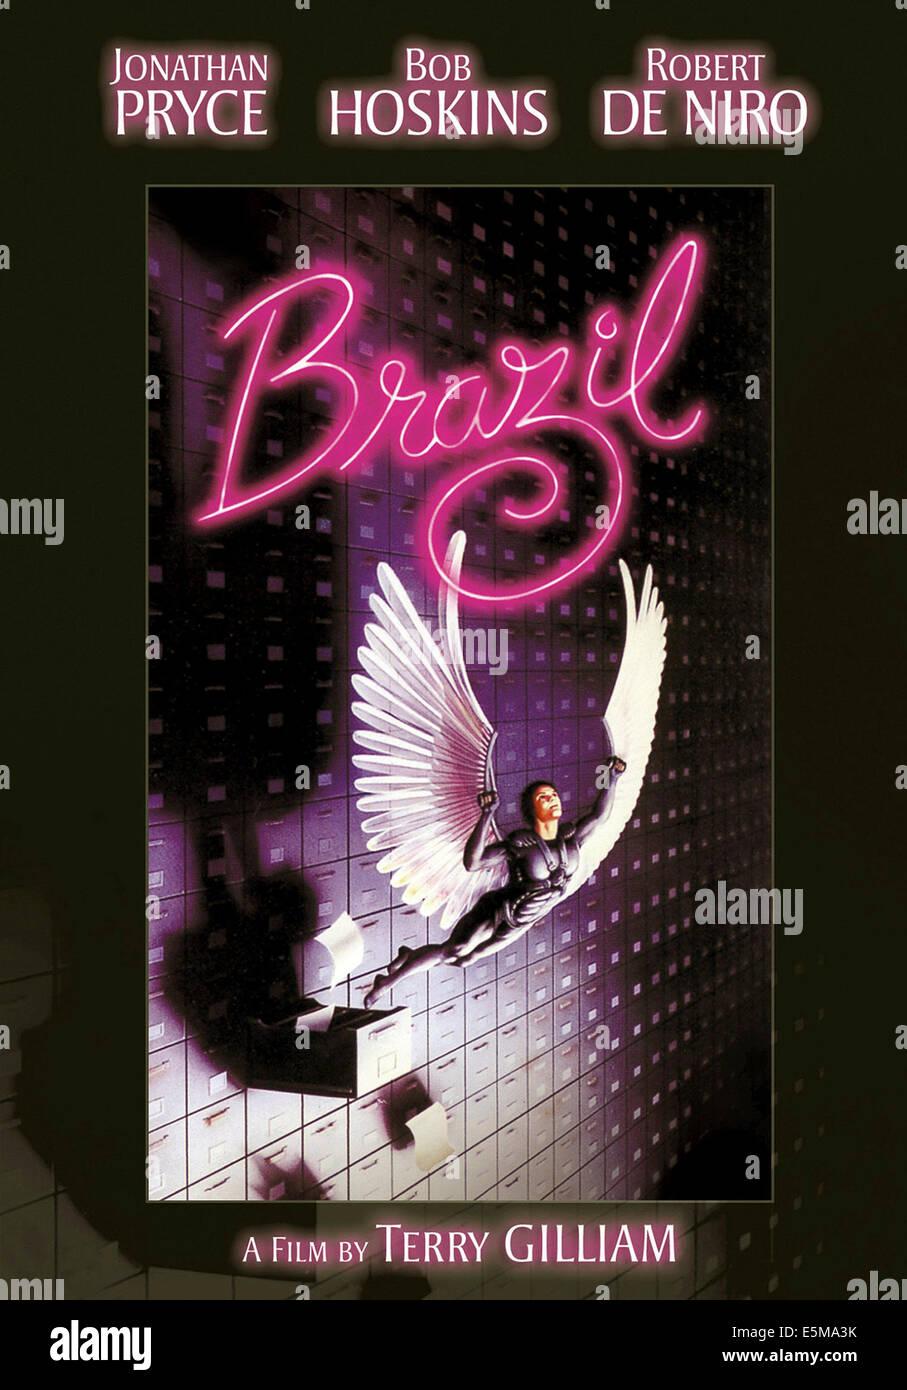 Brésil, 1985), (c) Universal/avec la permission d'Everett Collection Photo Stock